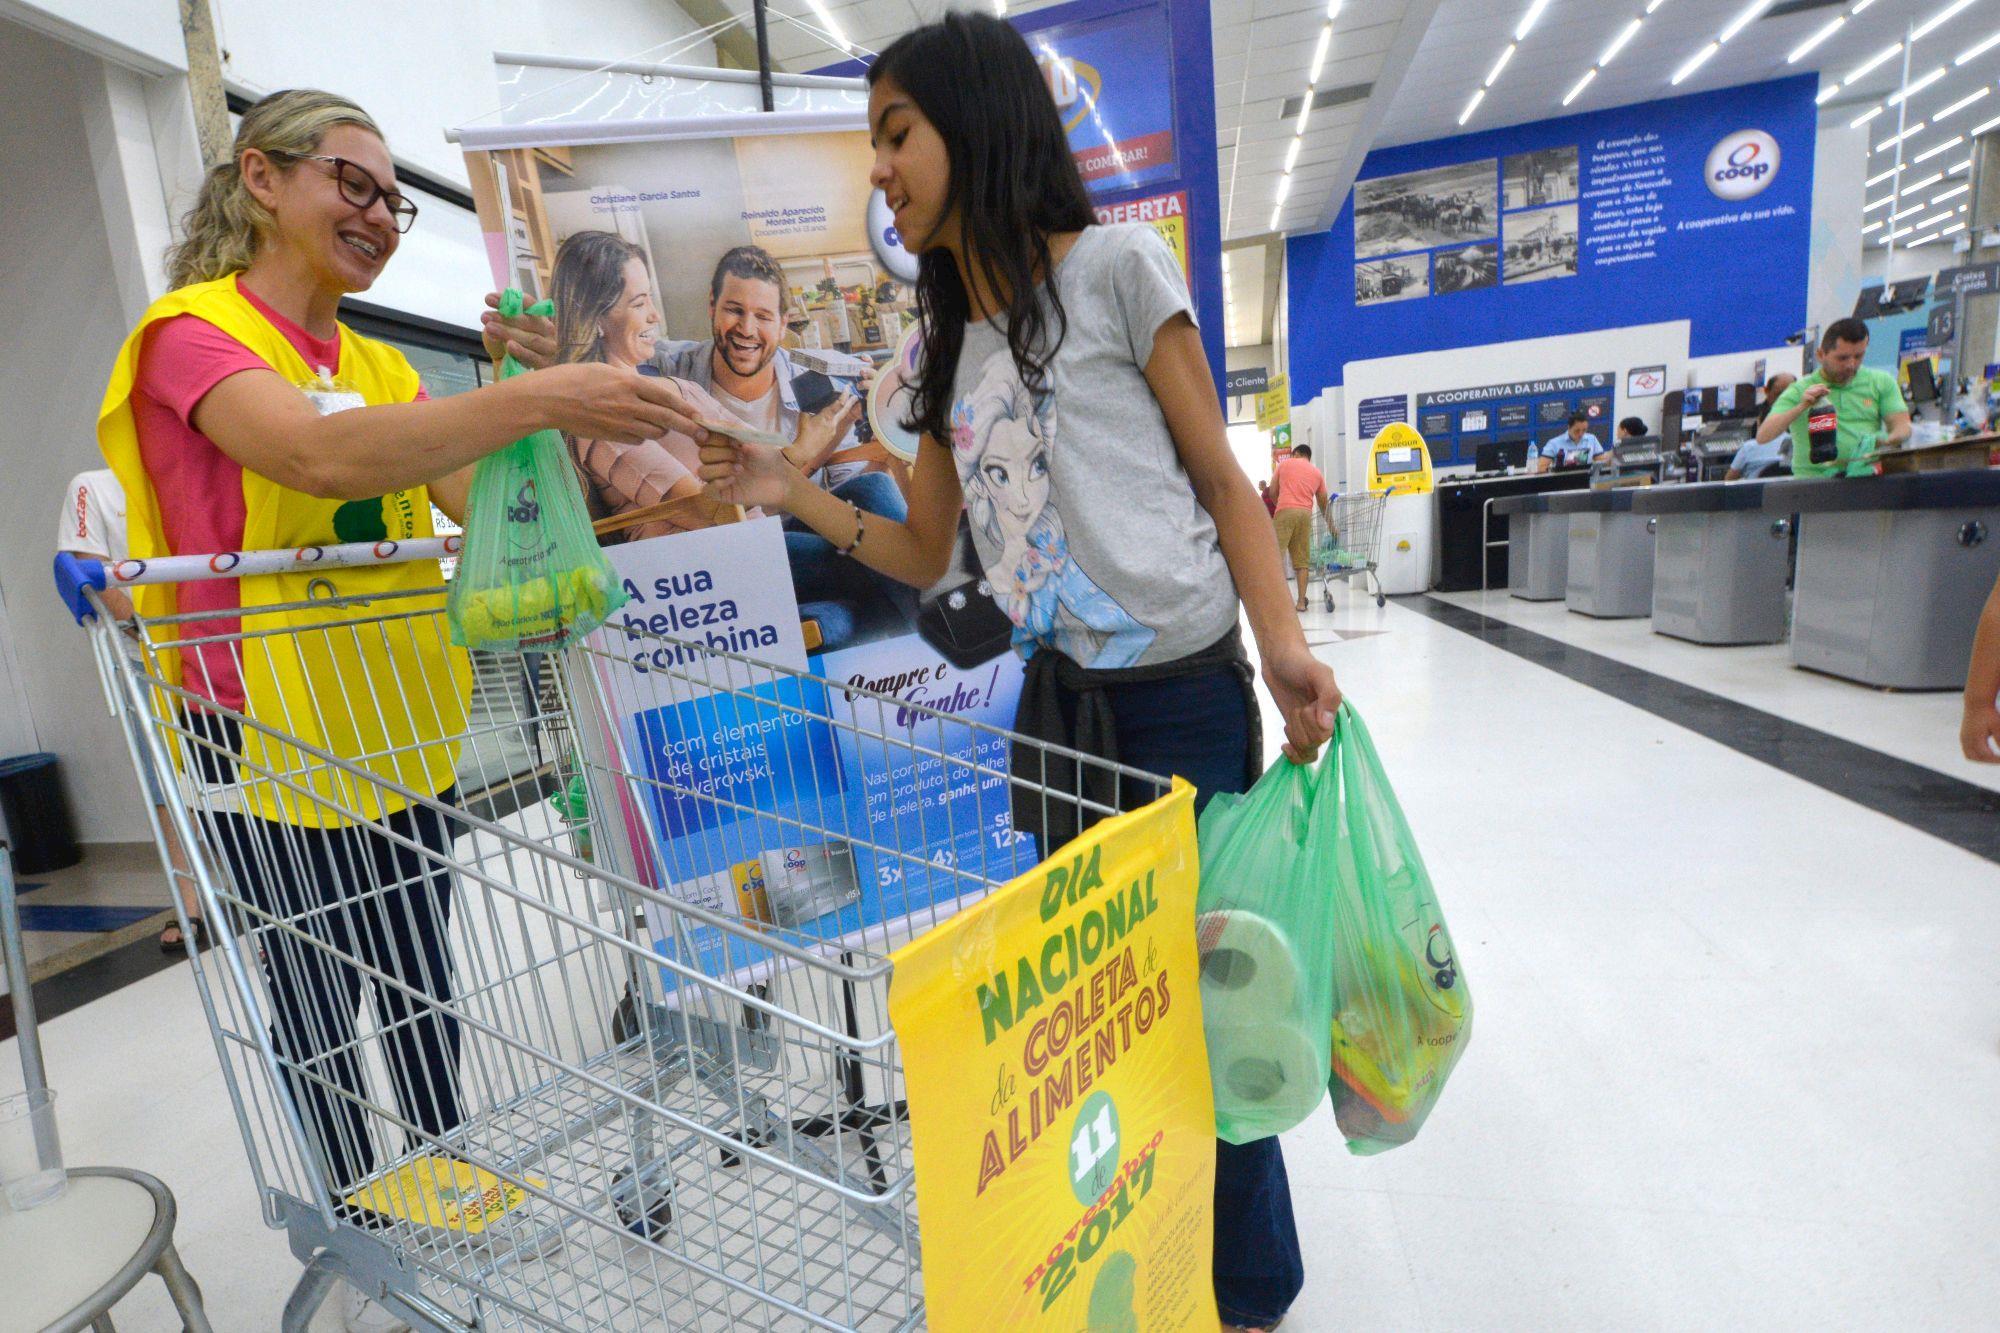 dia coleta, nacional, coop, supermercados, colombo, BAS, Foguinho/ Imprensa SMetal